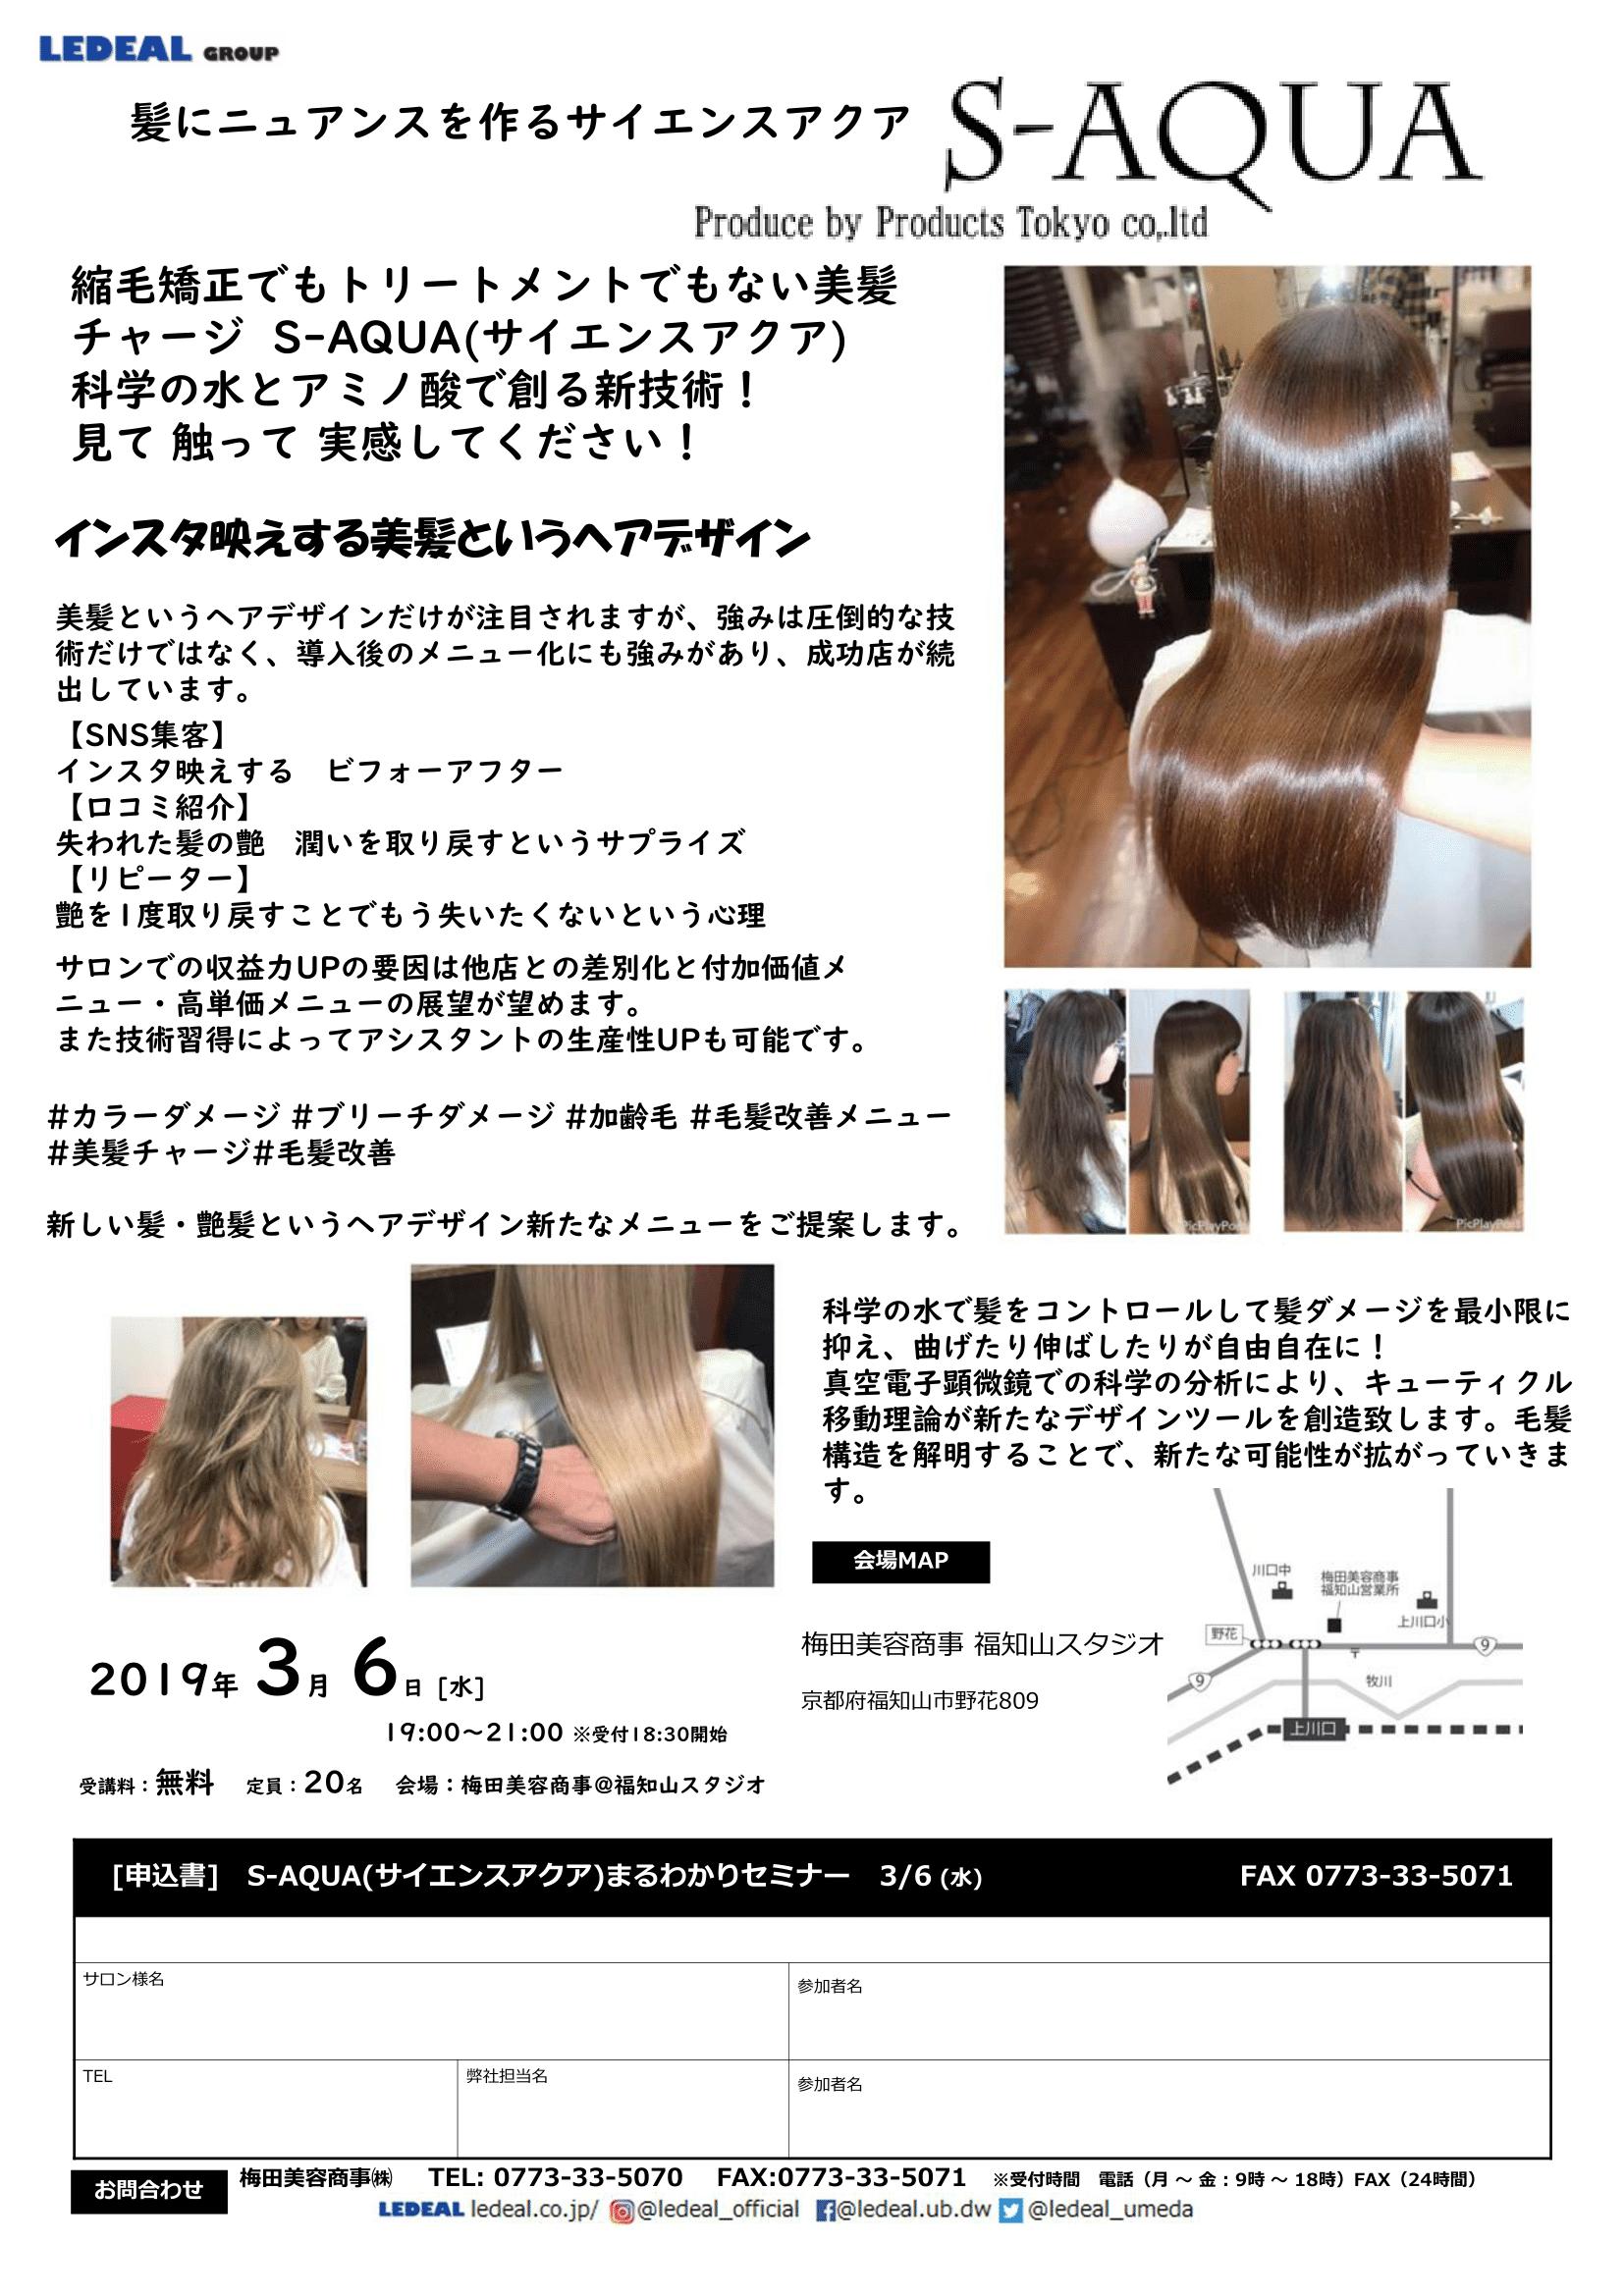 【福知山】S-AQUA(サイエンスアクア)まるわかりセミナー